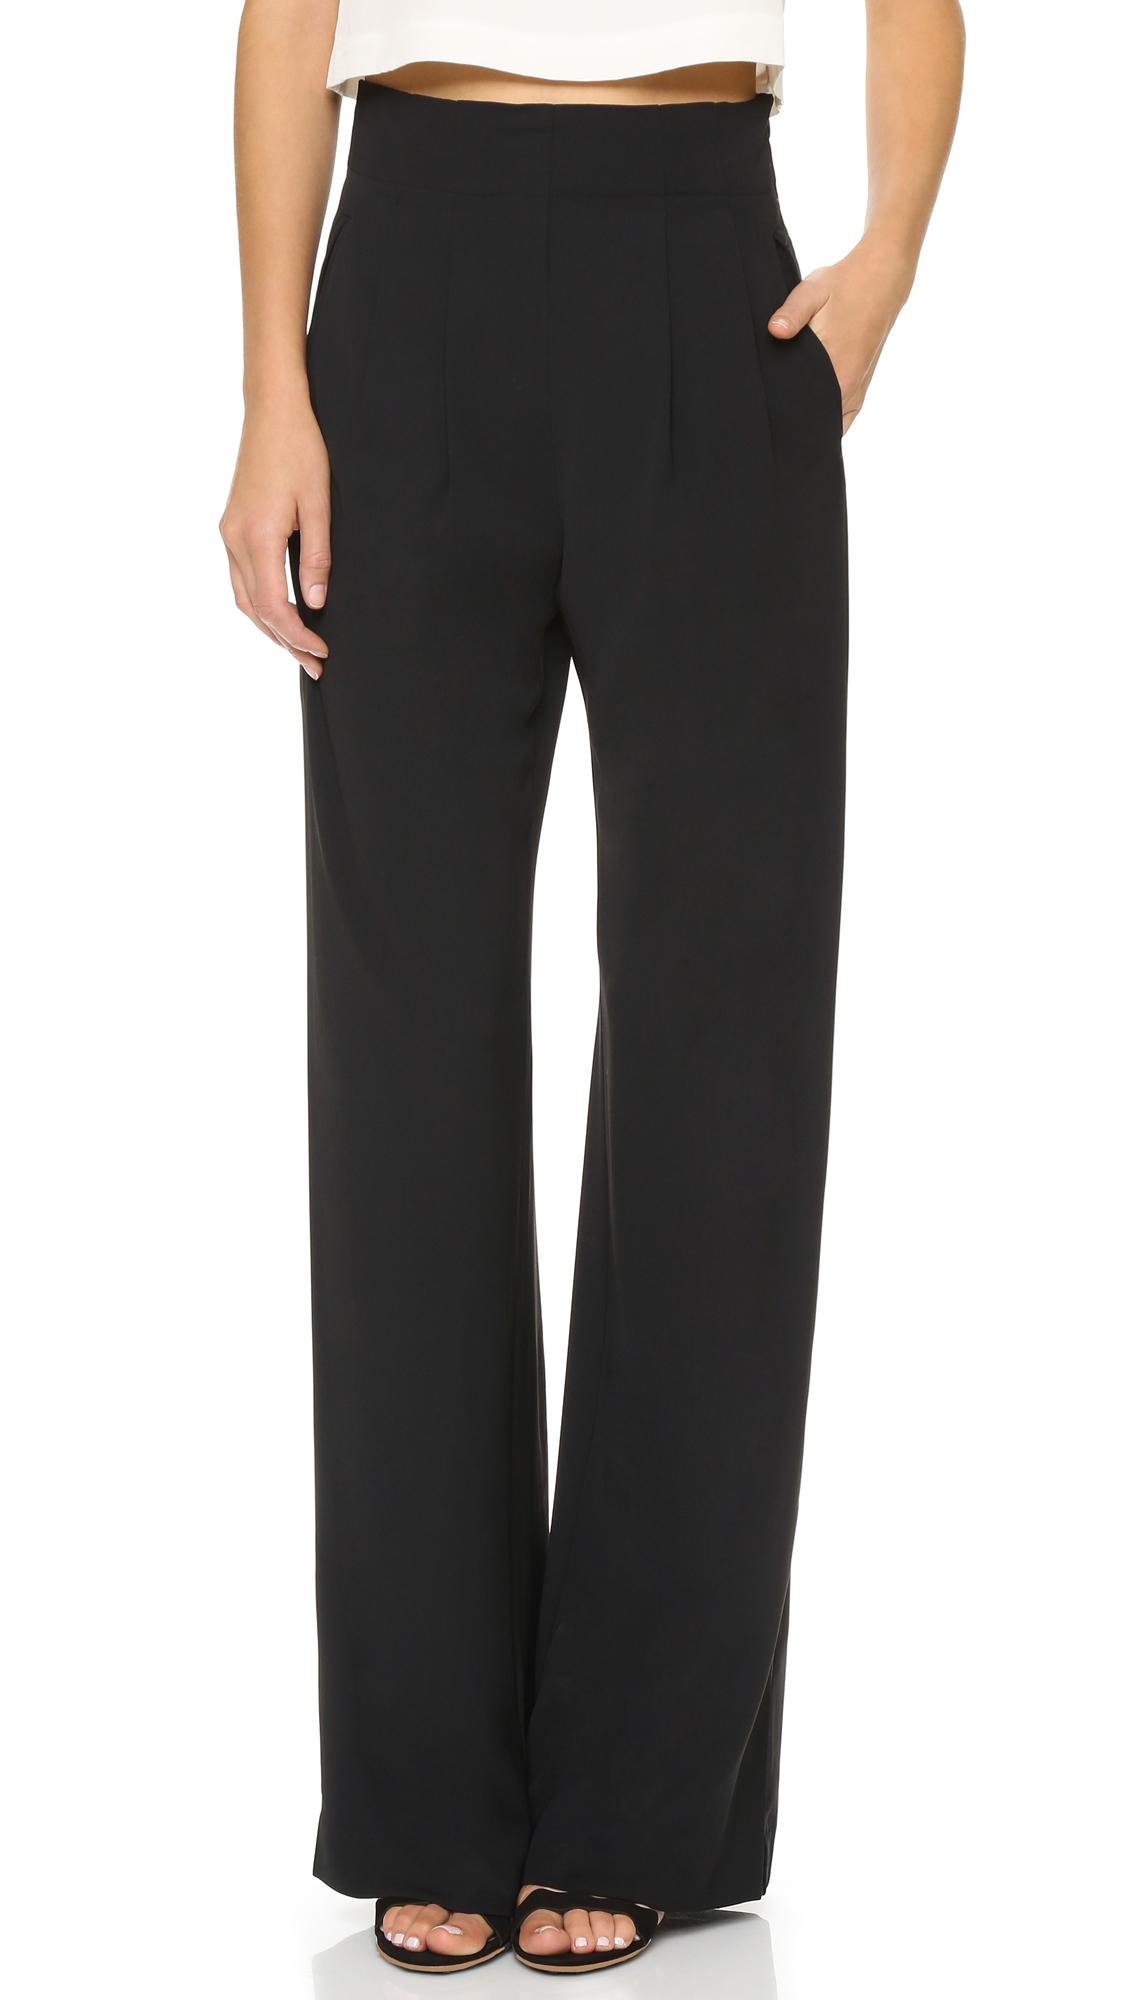 Sale Cheap Price Eldora Pant in Black Parker Footlocker Finishline Cheap Price OPTKKoEvEK